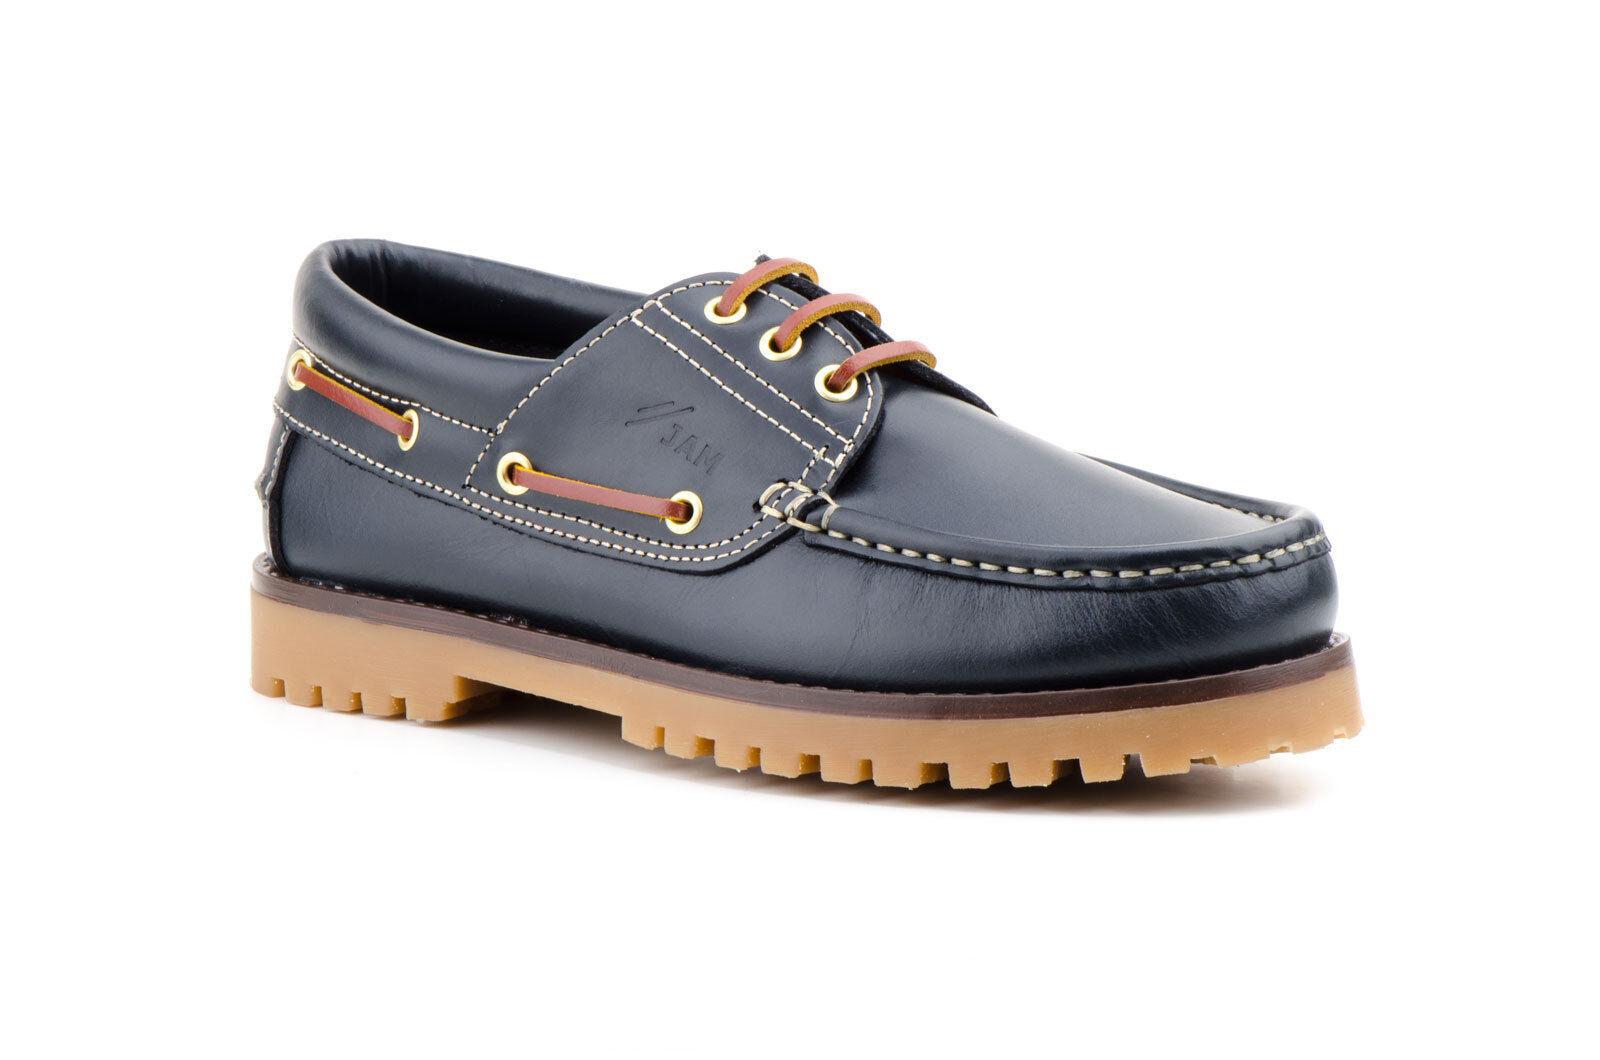 Herren Schuhe DECKSCHUHE Echtleder Segelschuhe Braun SPANIEN